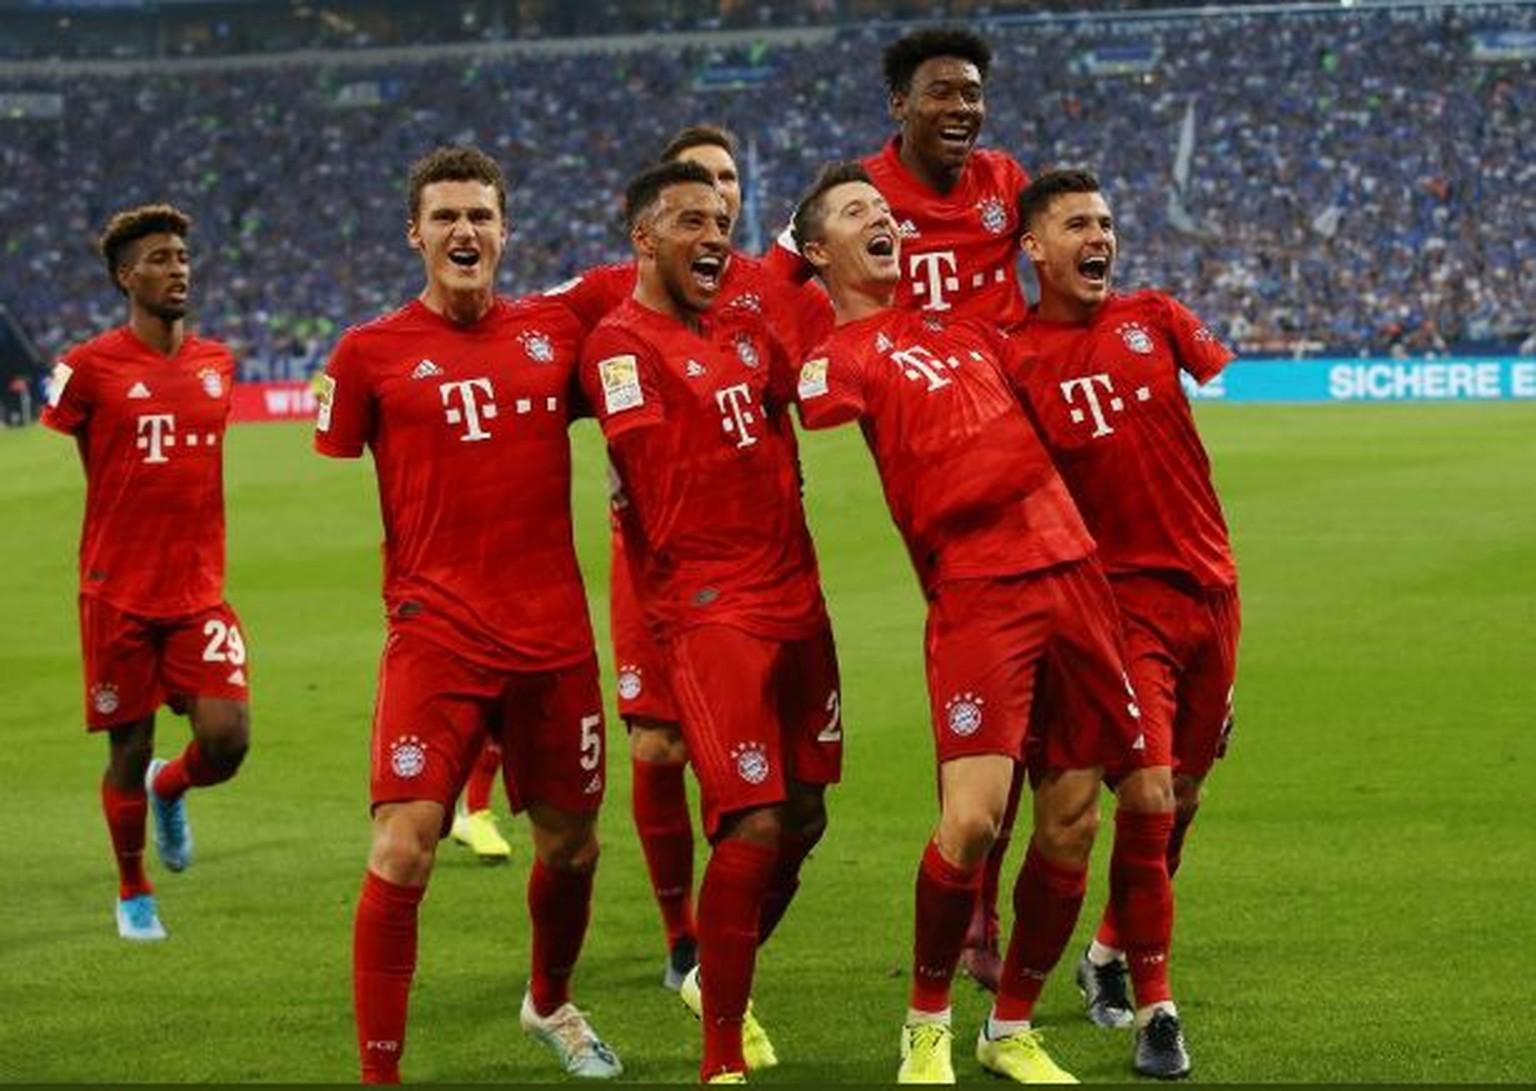 Fc Bayern Handspiel Arger Schalke Macht Sich Mit Foto Uber